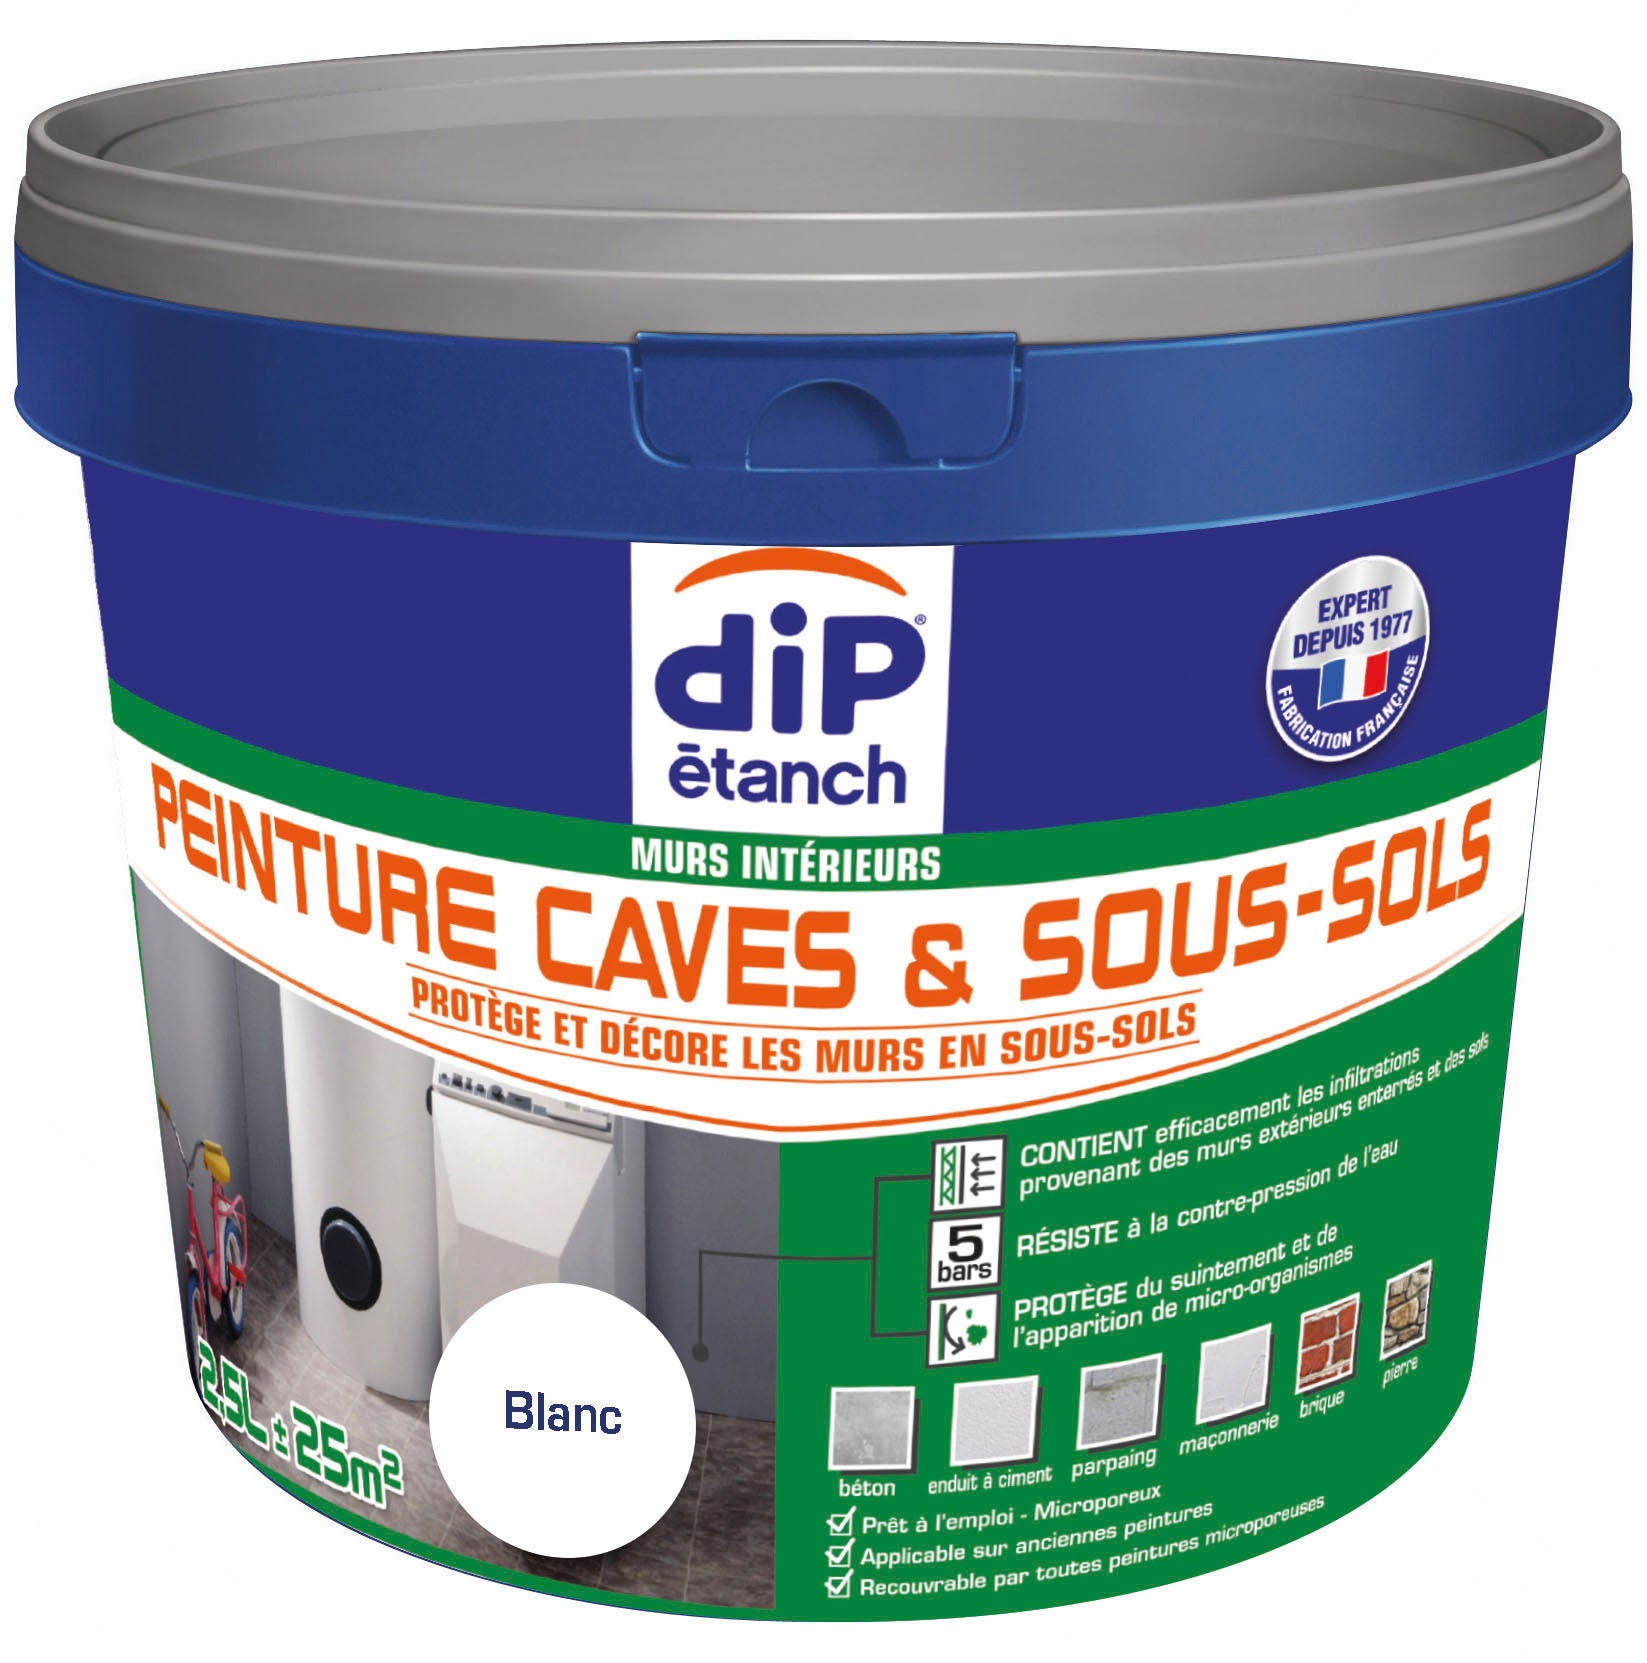 Peinture cave et sol Peinture cave & sous-sol, DIP blanc 2.5 l | Leroy Merlin